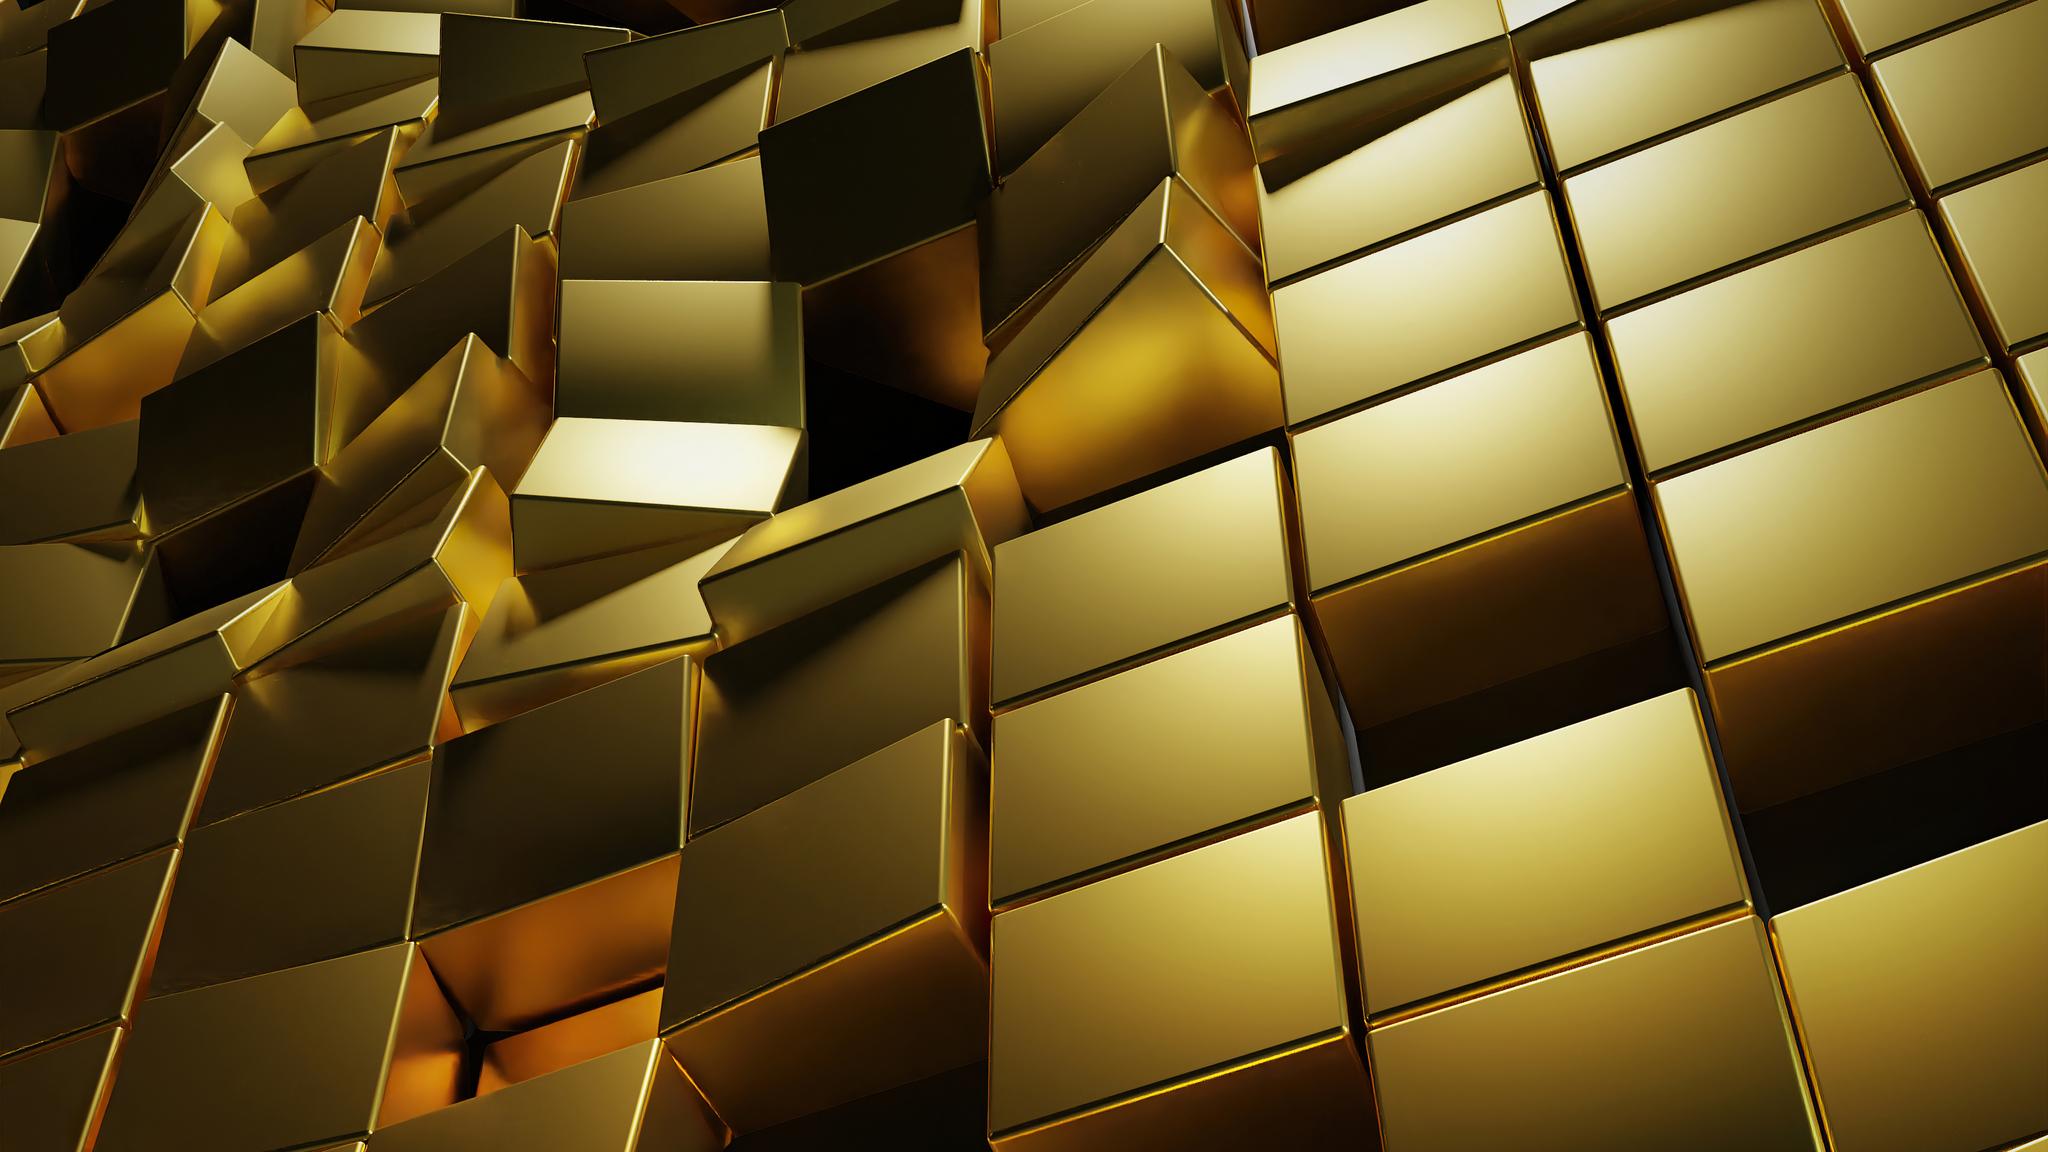 gold-3d-cubes-4k-rr.jpg